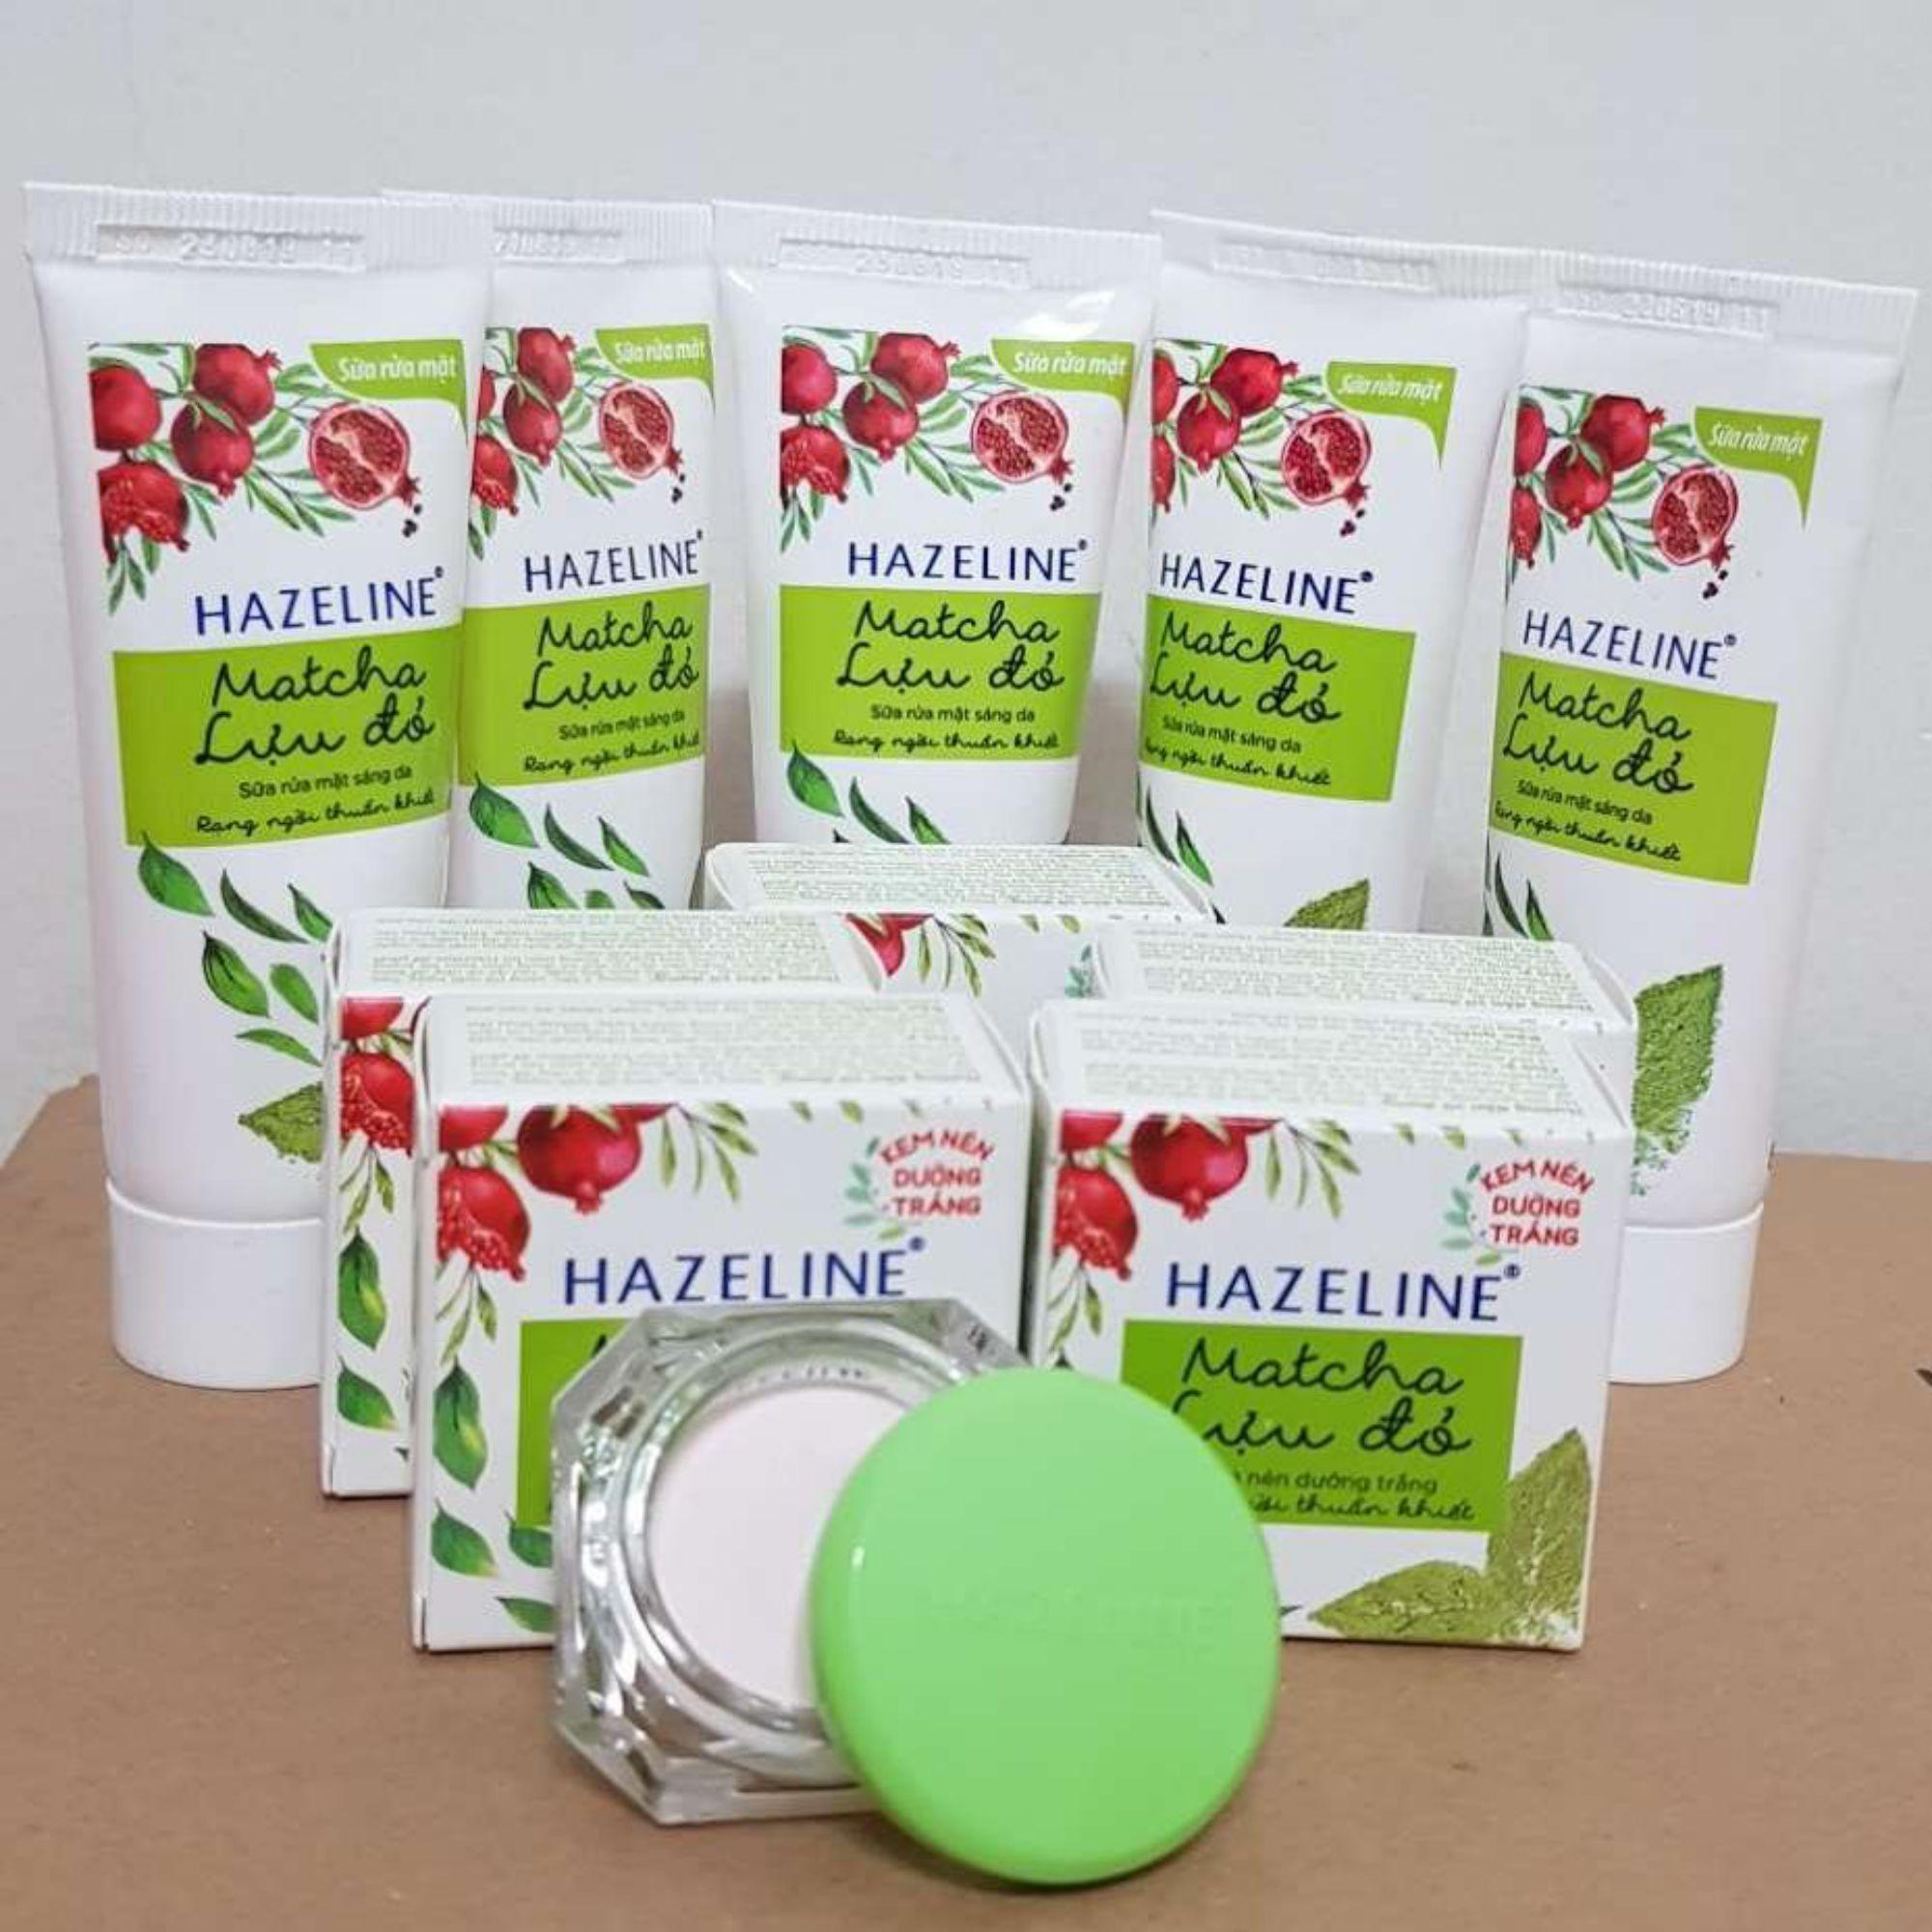 (NHH) Trọn bộ 10 món:  5 hộp kem nén dưỡng trắng Hazeline matcha (3g/hộp), 5 tuýp sữa rửa mặt sáng da Hazeline matcha (15g/ tuýp) + Tặng túi đựng mỹ phẩm xinh xắn cao cấp